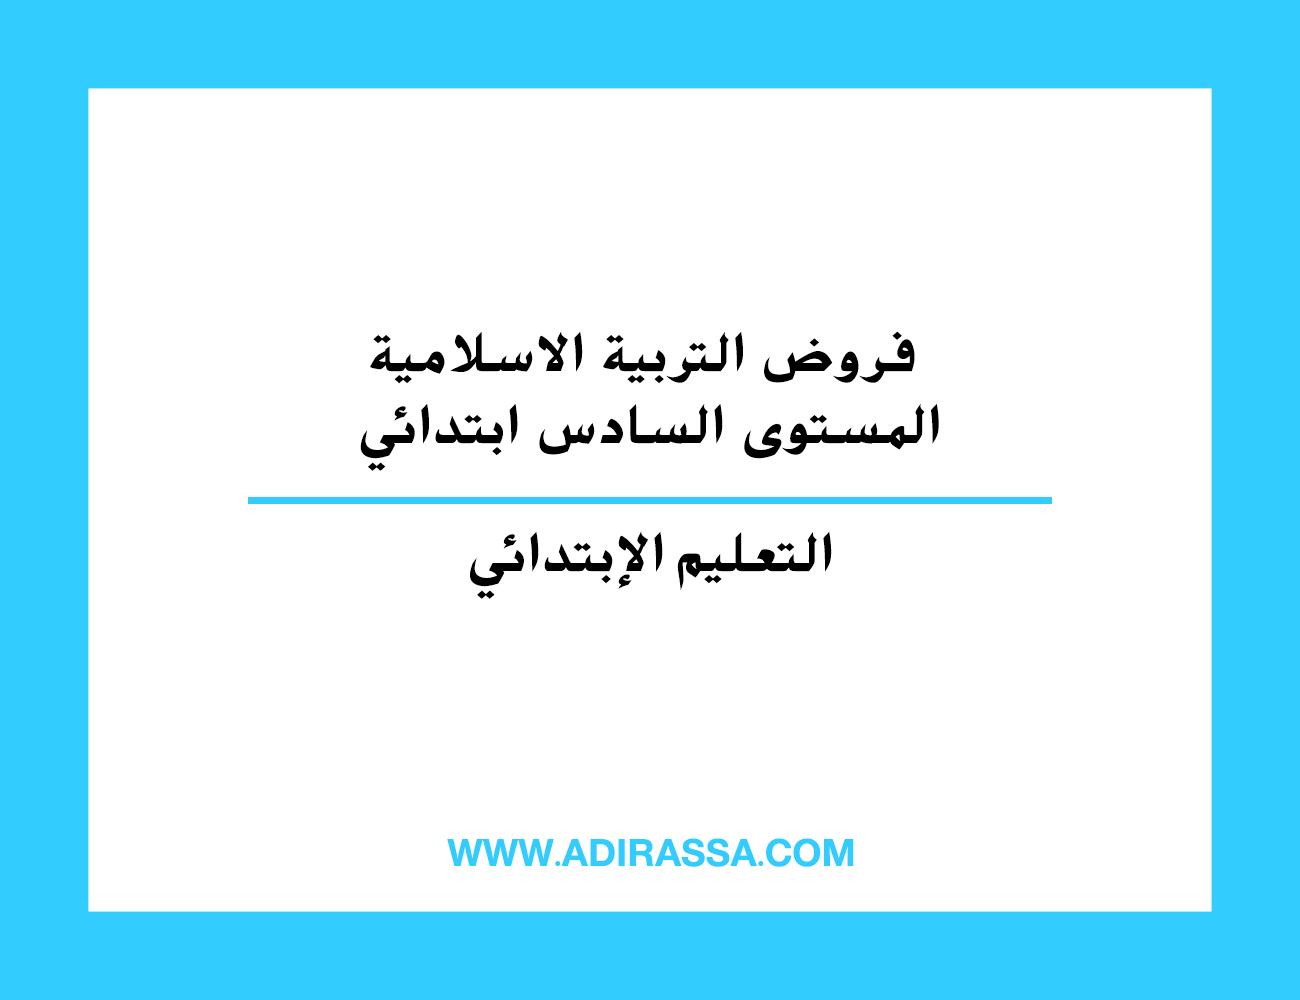 فروض التربية الاسلامية المستوى السادس ابتدائي في المدرسة المغربية